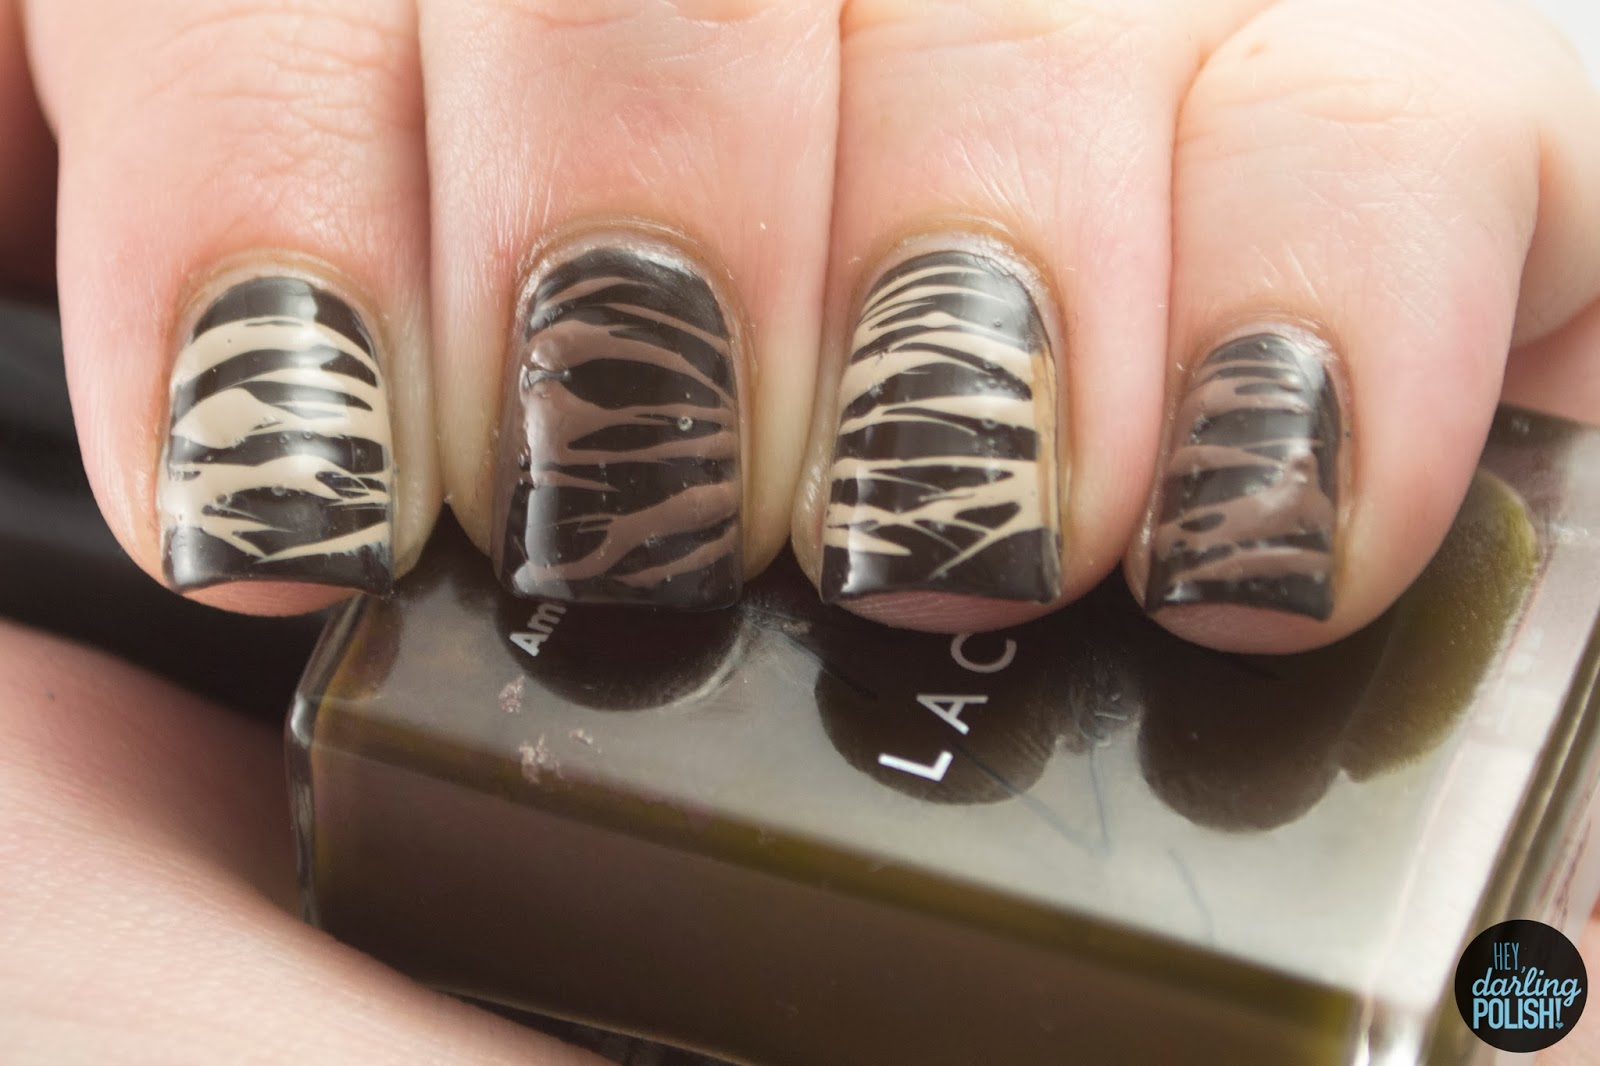 nails, nail art, nail polish, polish, brown, chocolate, sugar spun, nail art a go go, hey darling polish